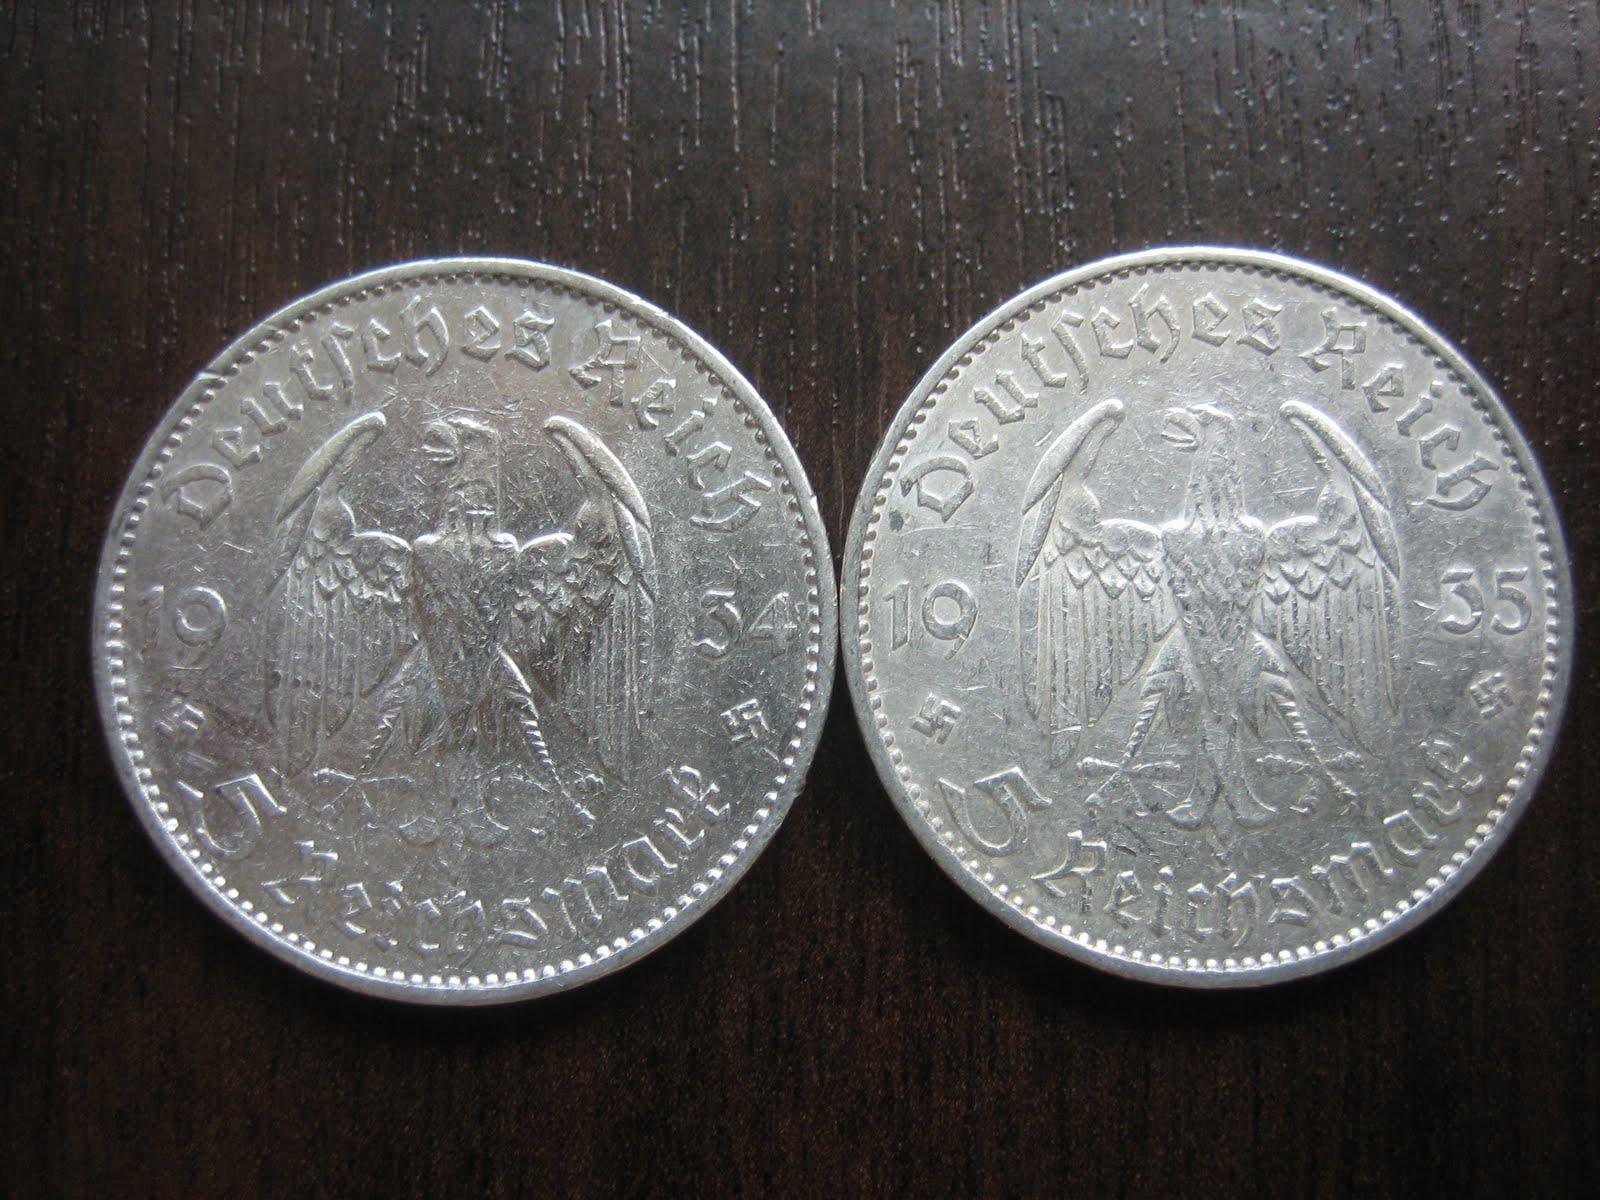 Numismatic Collection 1935 Third Reich Silver Reichmark